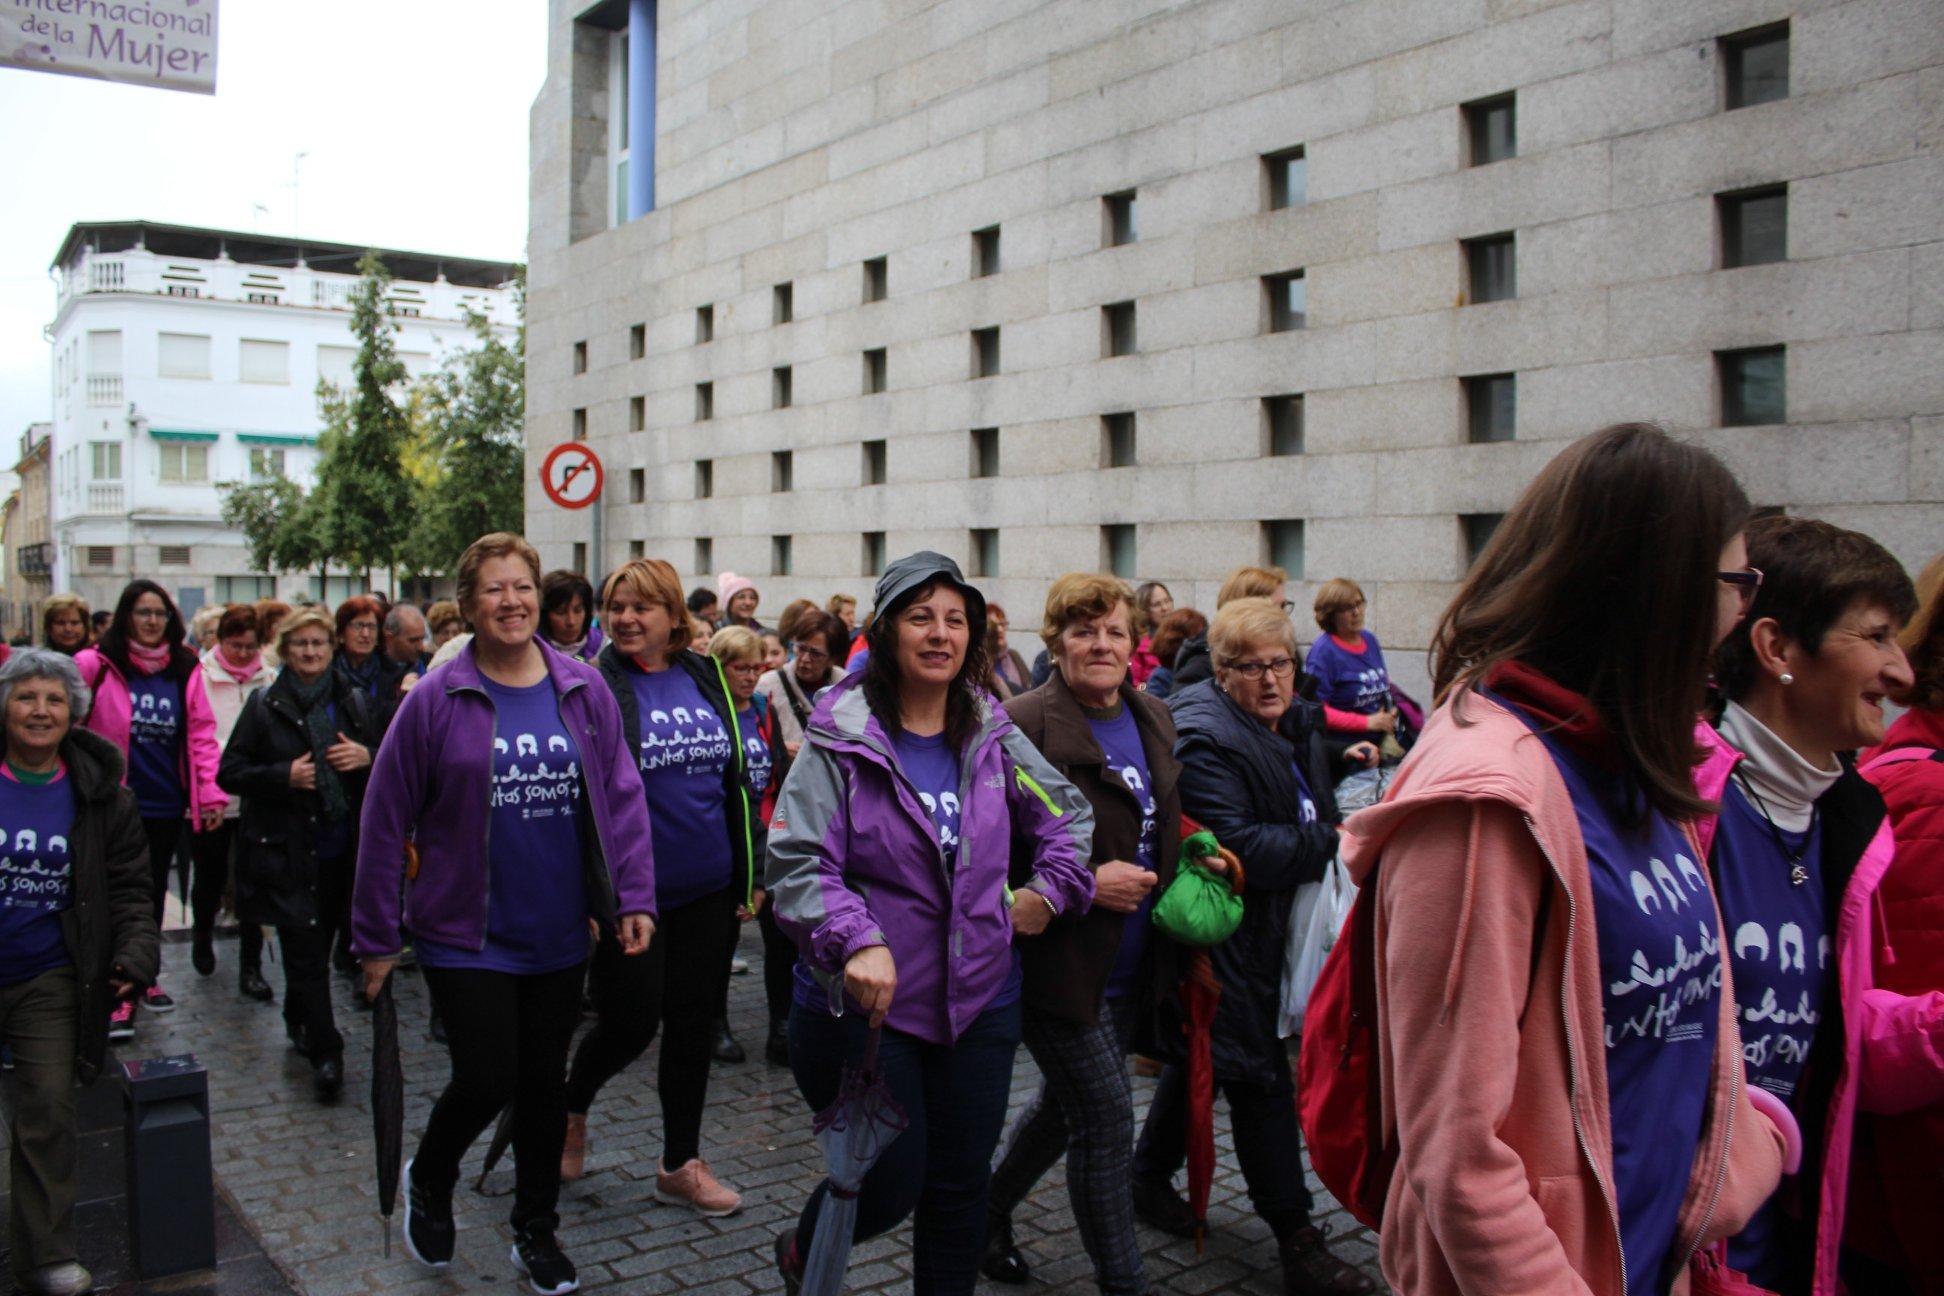 III Marcha Dia de la mujer _ 8